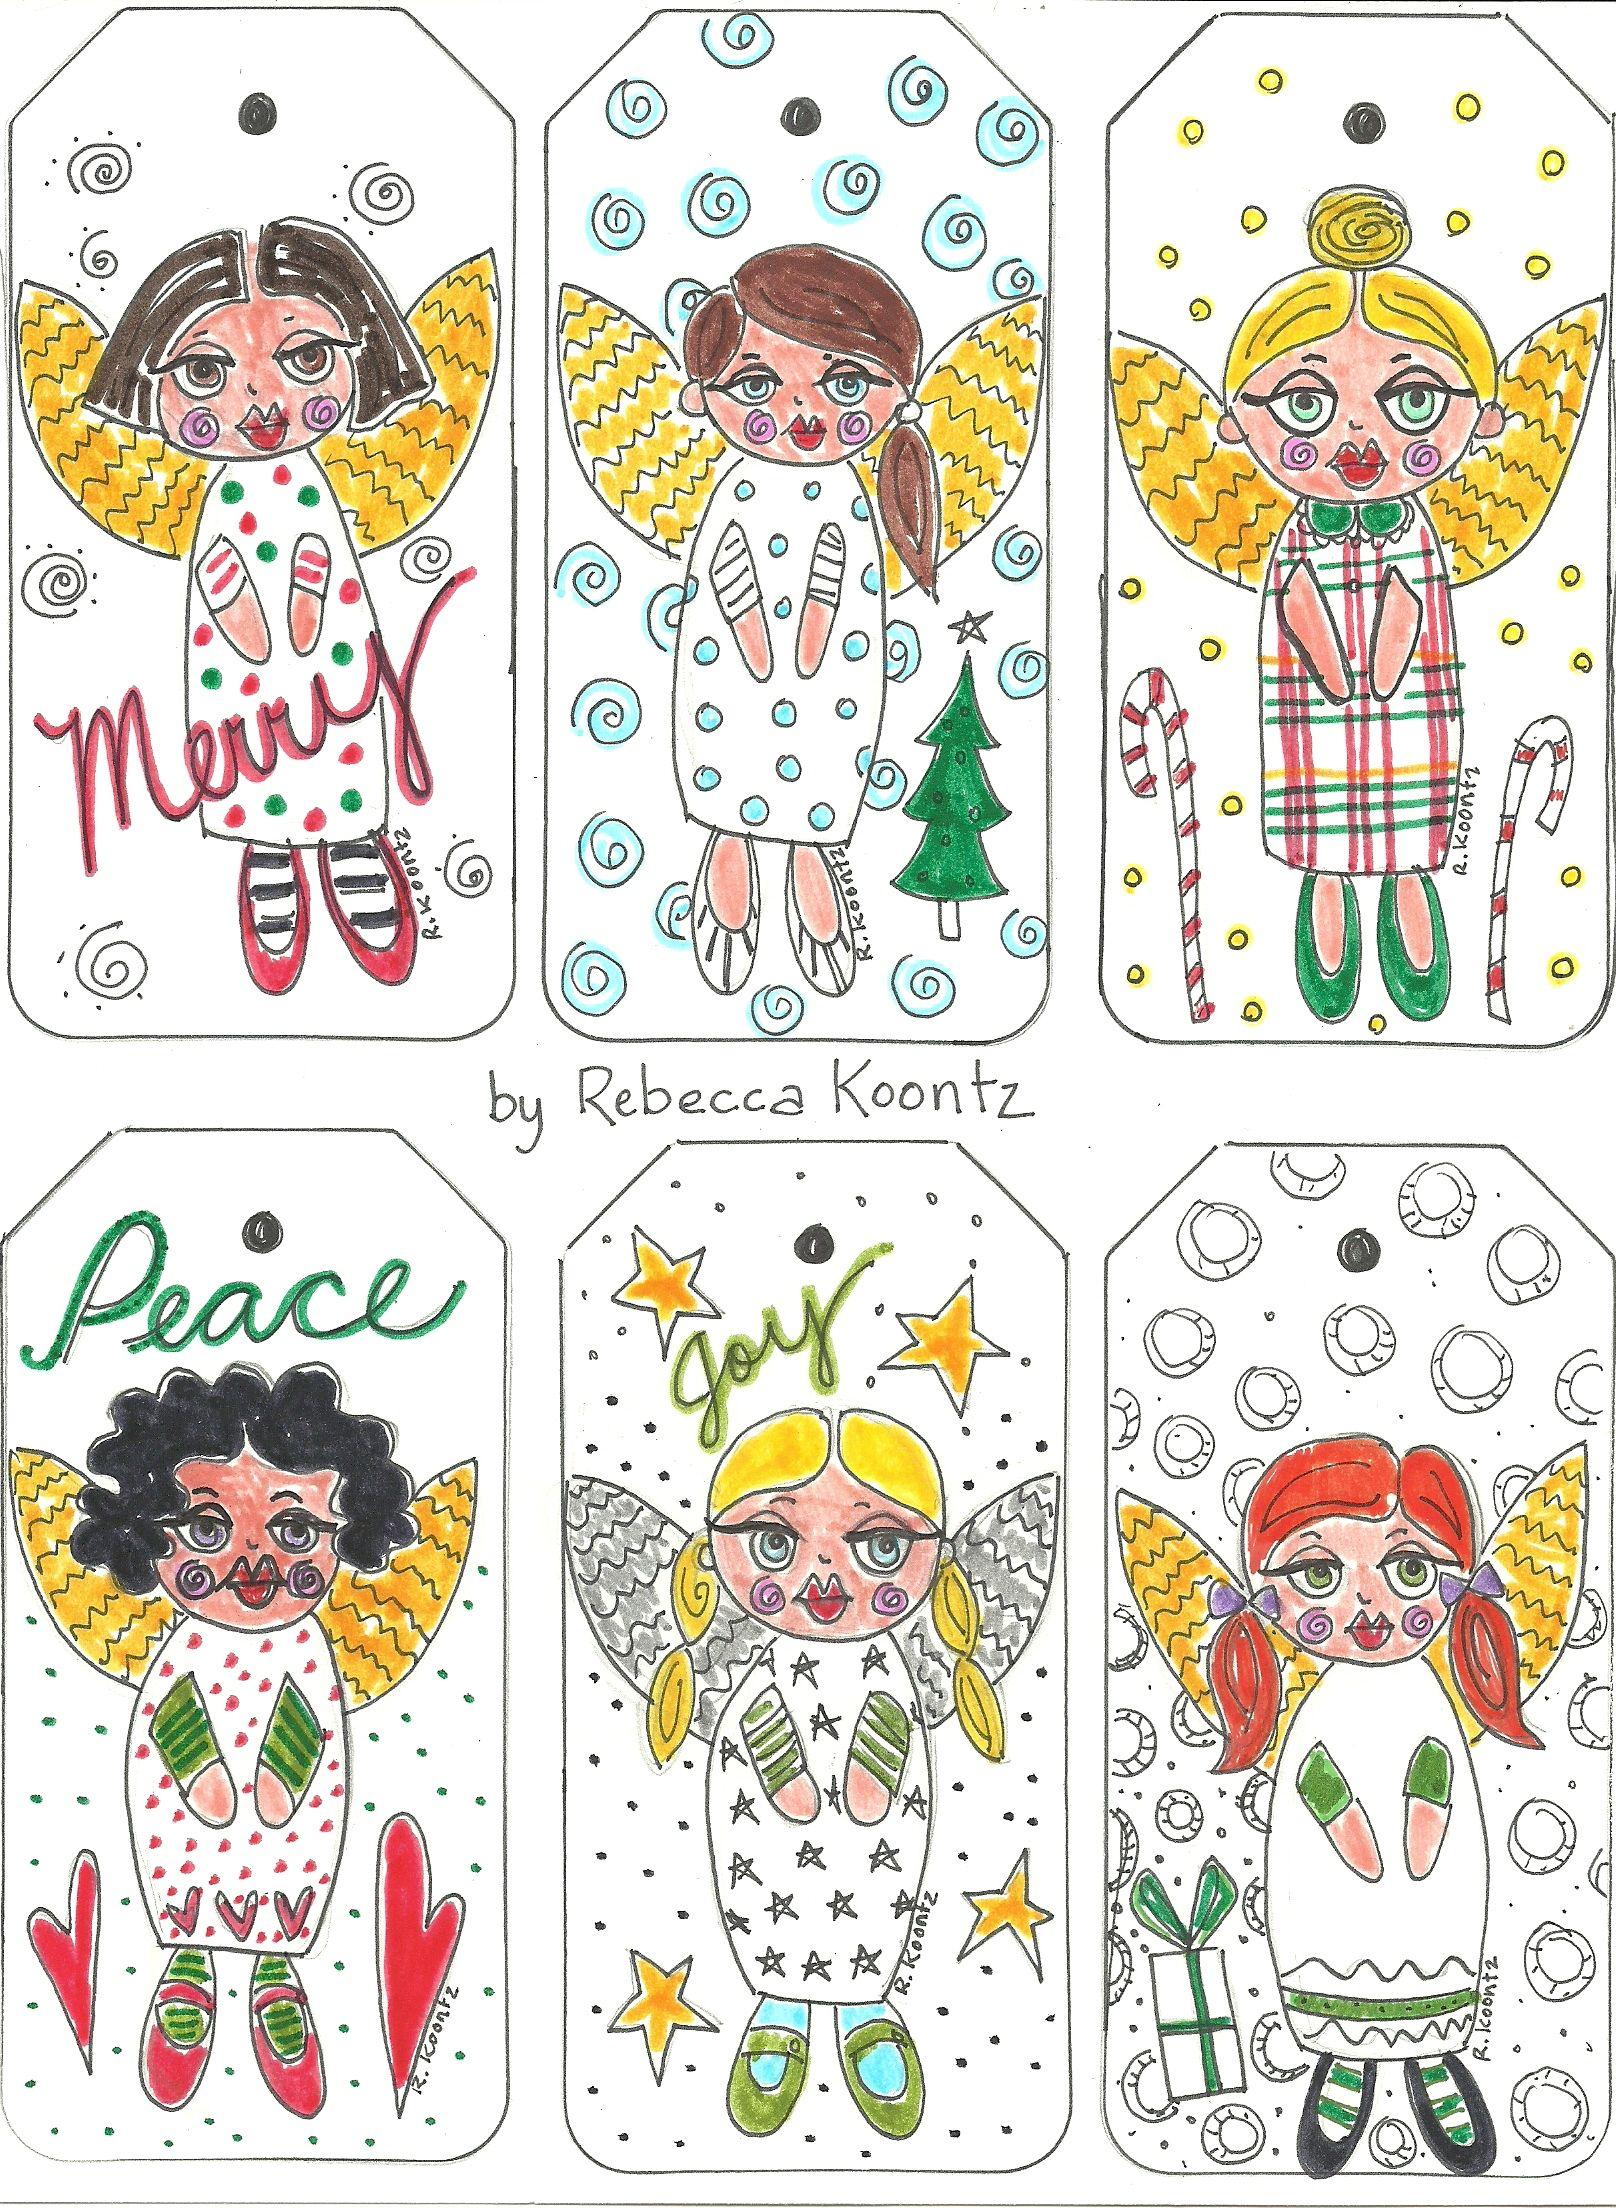 Angel Gift Tags (Free Printable)   Christmas   Pinterest   Free - Free Printable Angel Gift Tags